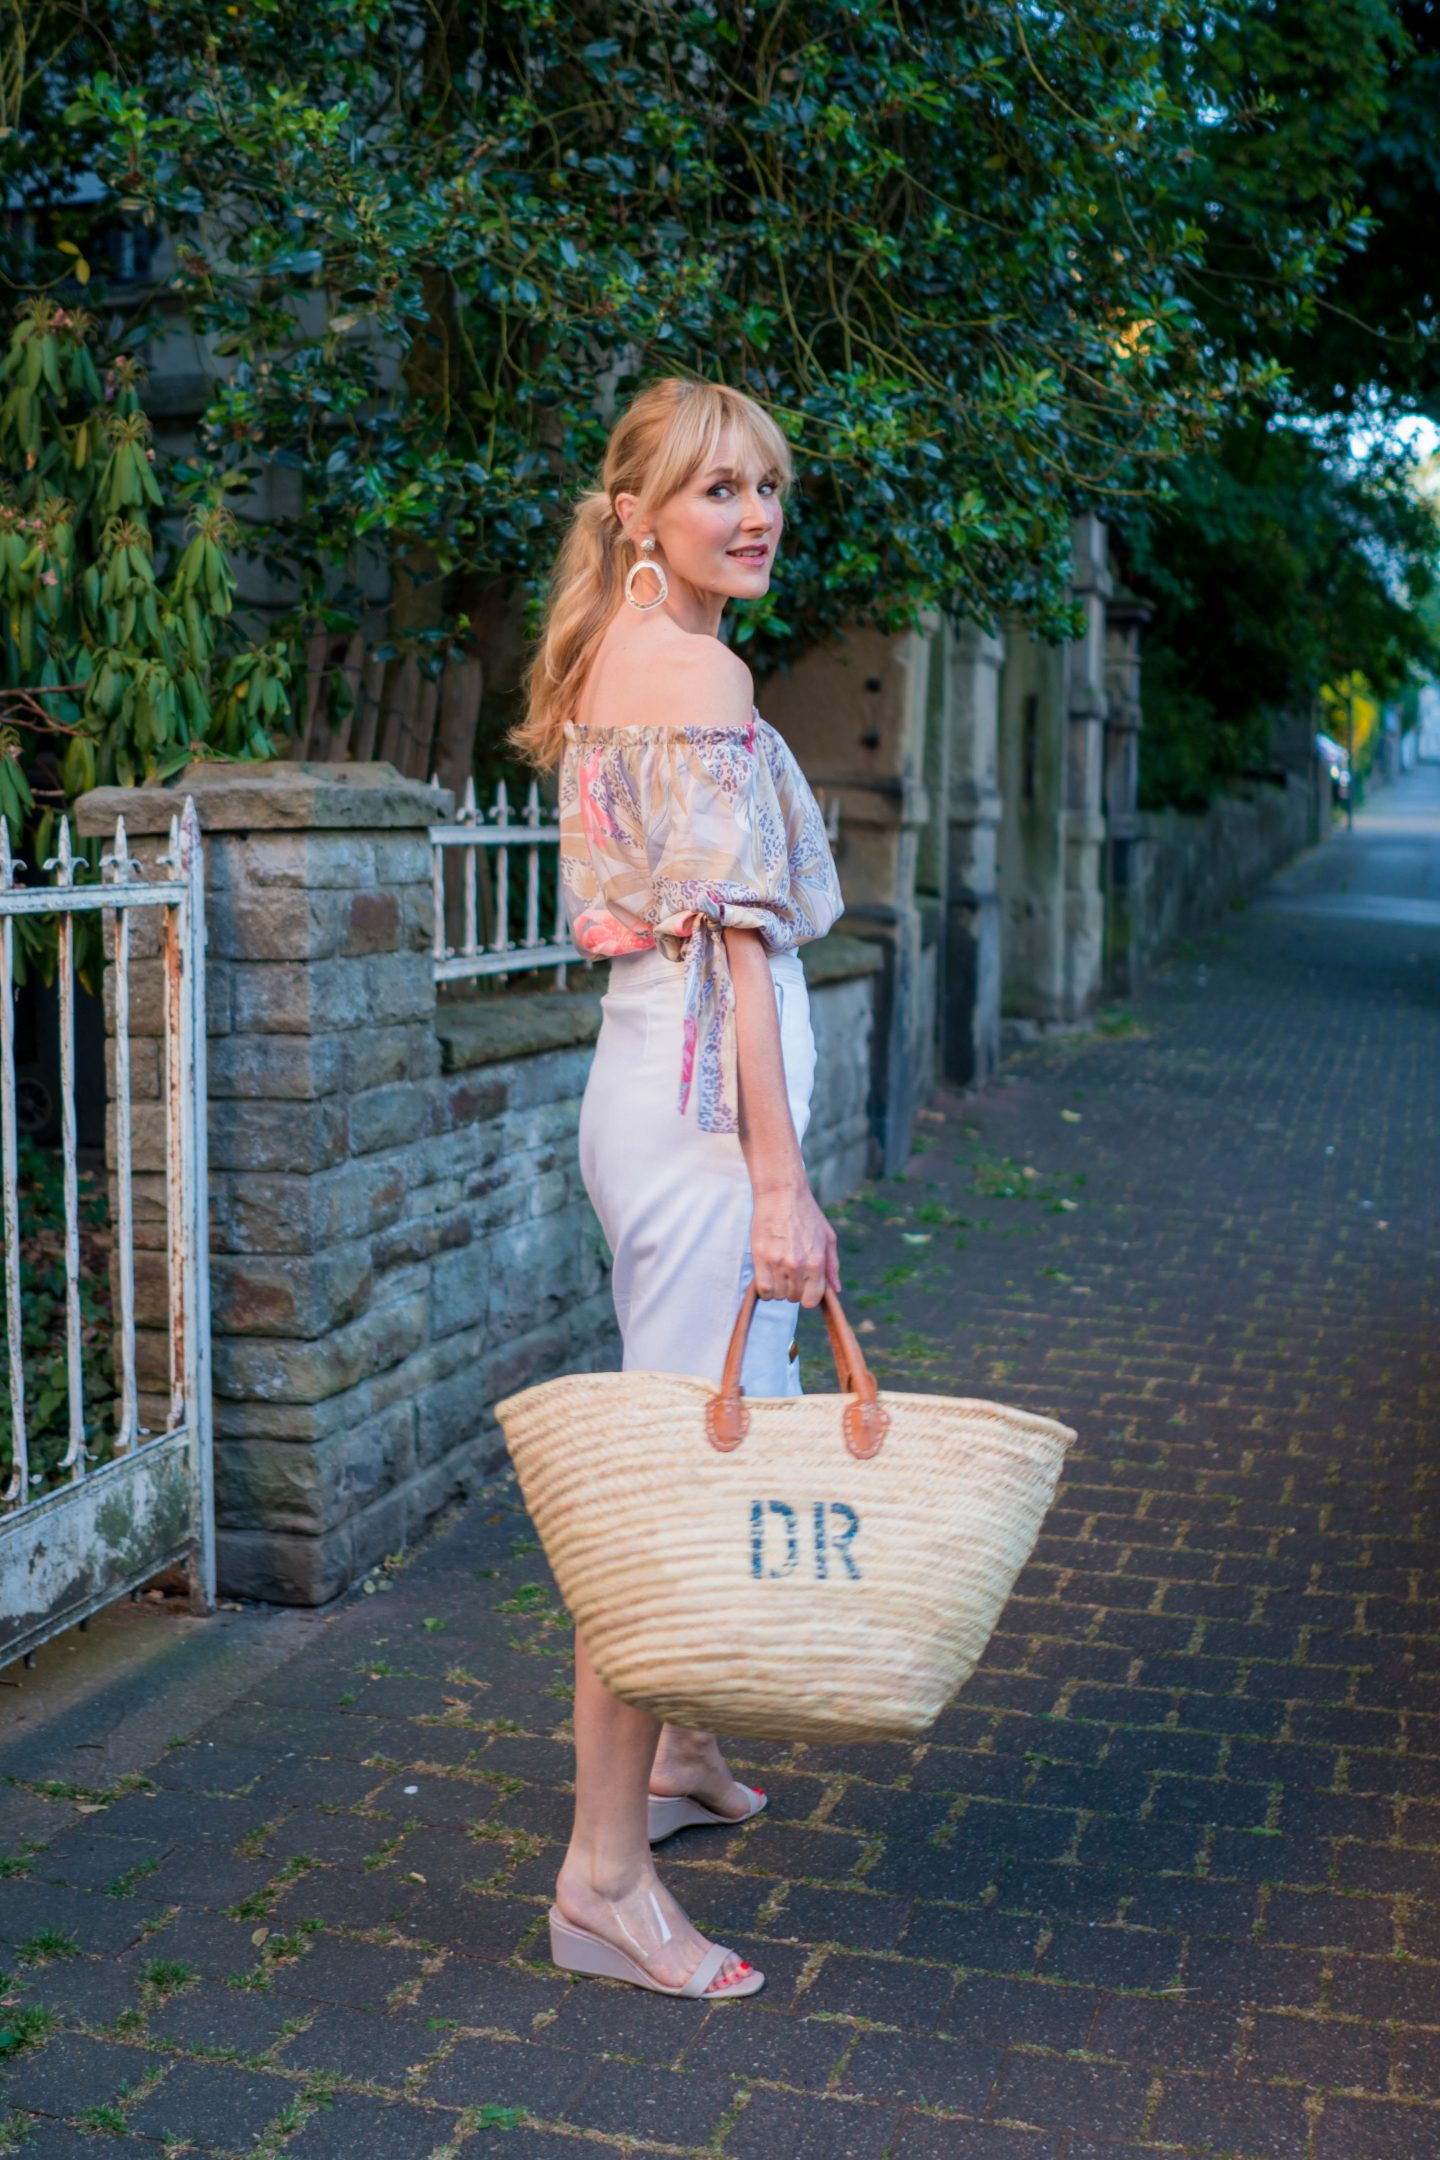 Nowshine in Off_Shoulder Bluse von WENZ, Modeblog ü 40, Fashion Blog ü 40, gute Gründe für eine Off-Shoulder Bluse